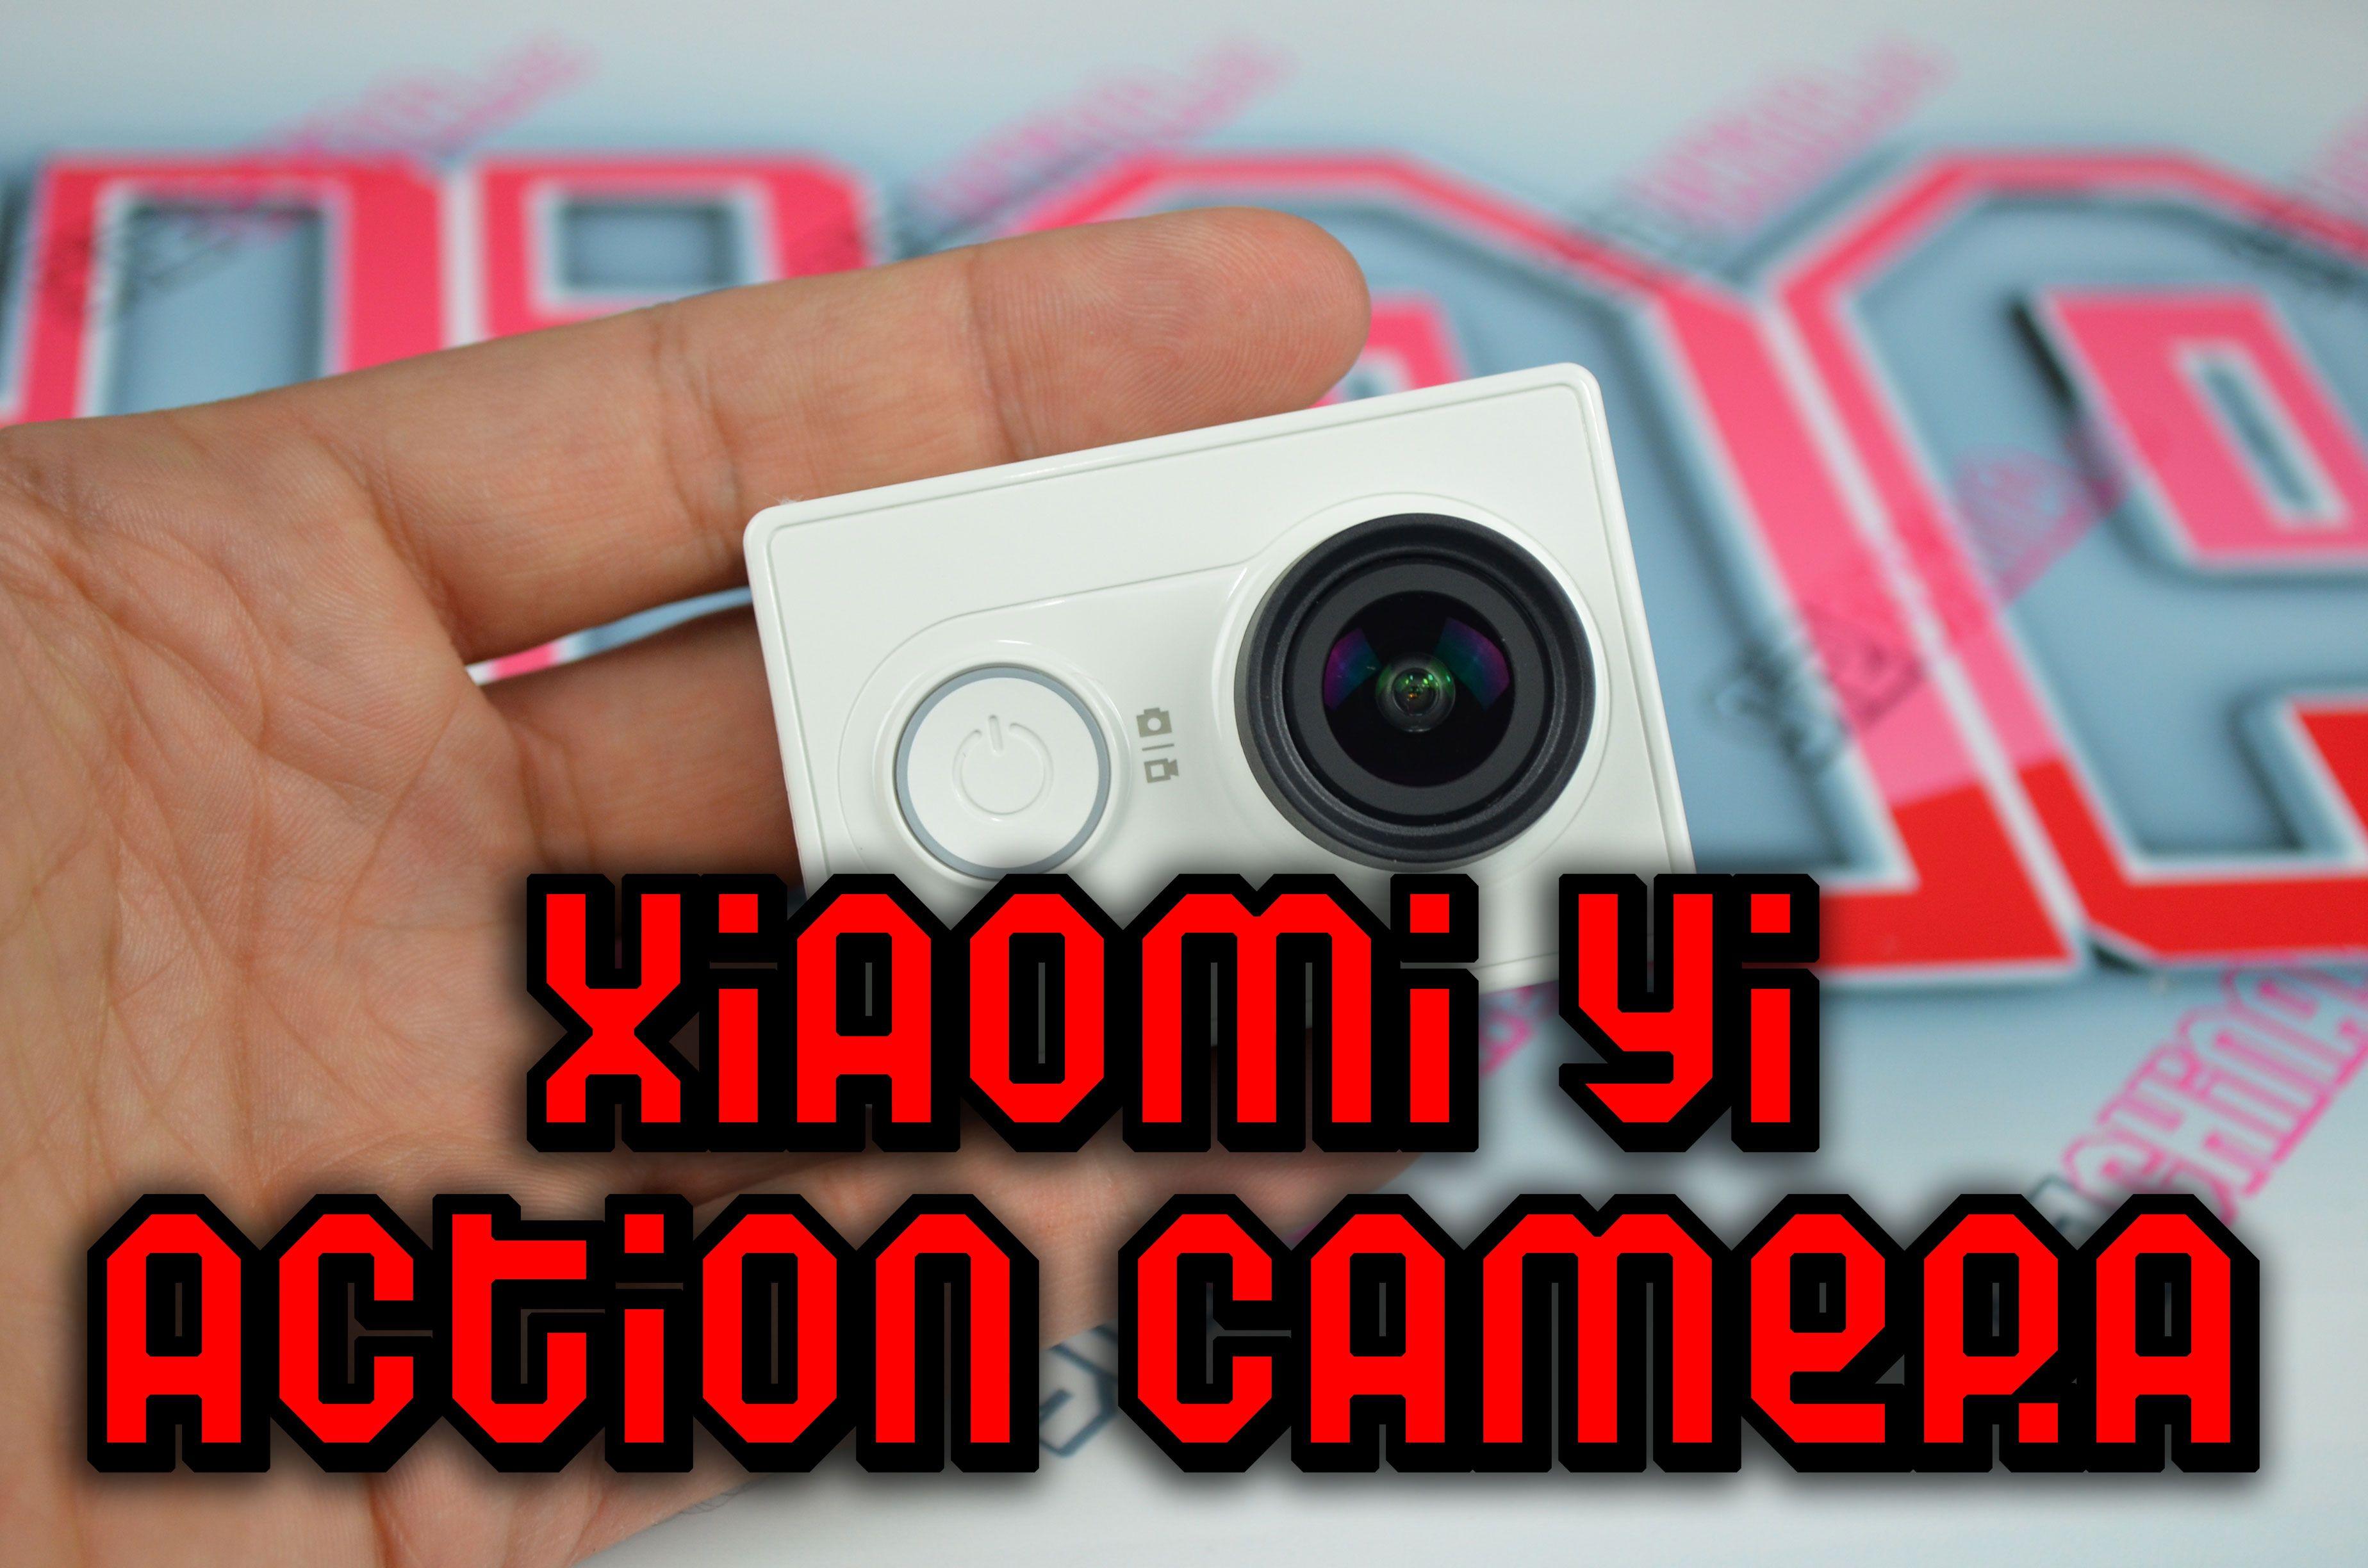 Interesante: Review de la Xiaomi Yi Camera, calidad a precio inigualable.